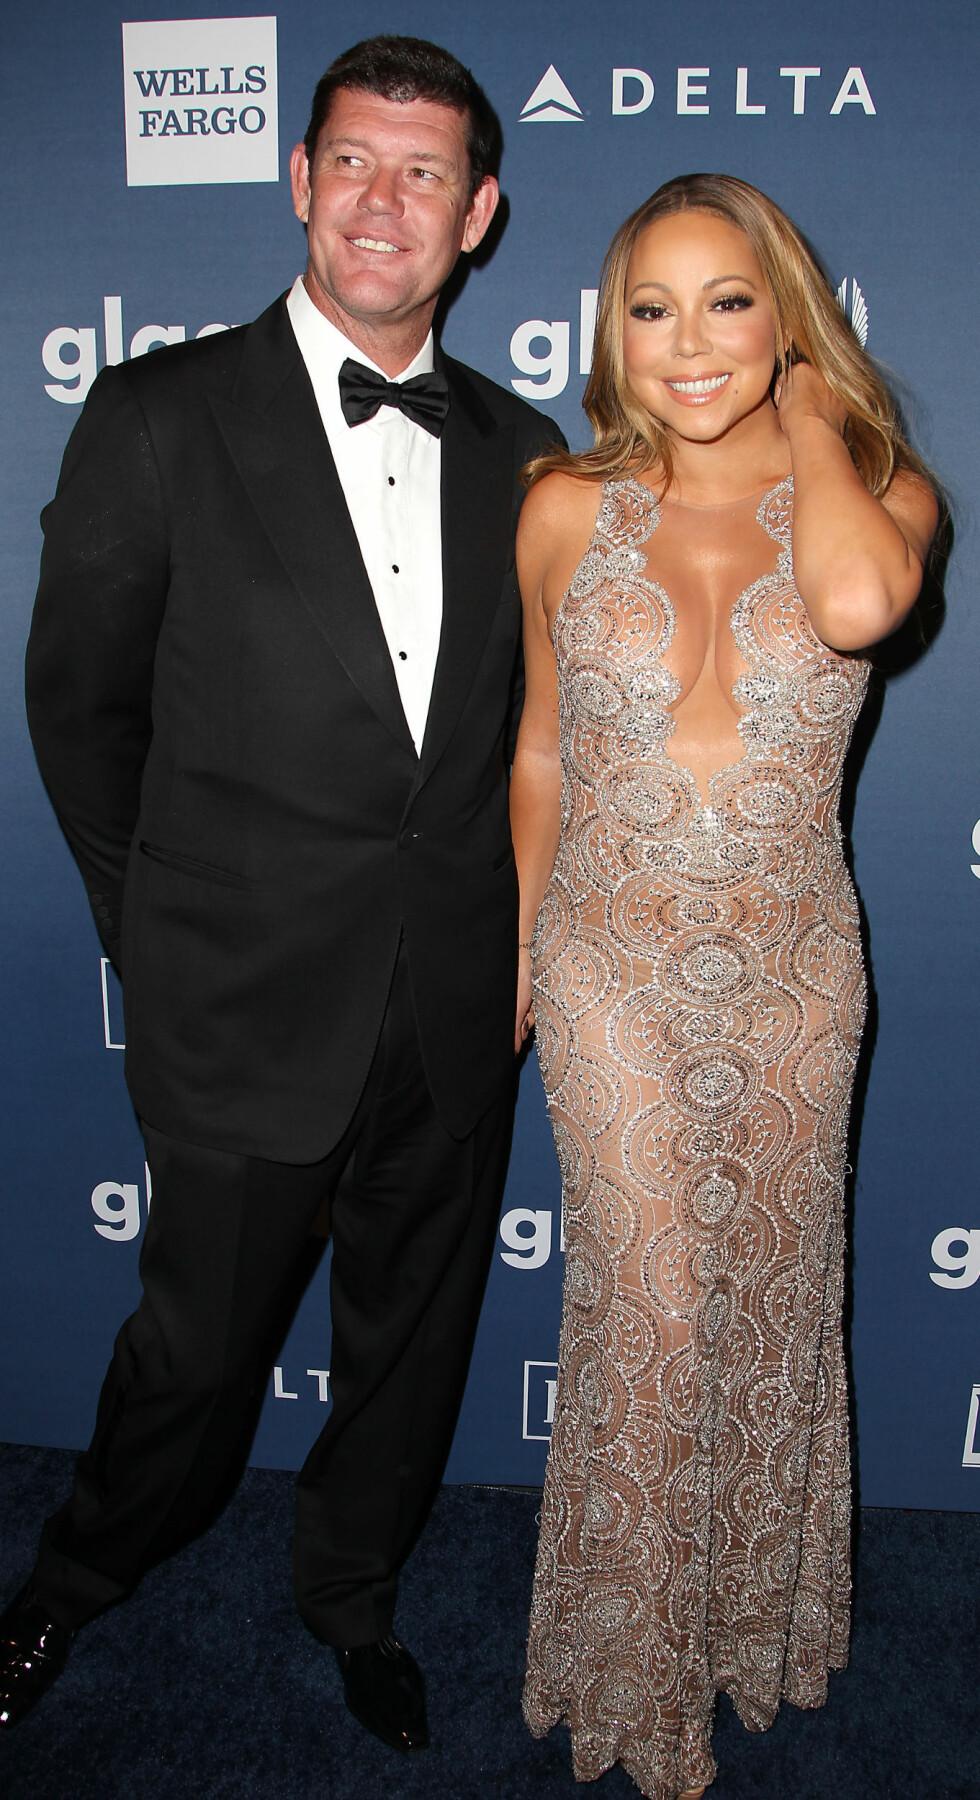 BRUDD: I oktober bekreftet sanger Mariah Carey at hun hadde brutt forlovelsen med forretningsmannen og milliardæren James Packer. De fant lykken i fjor sommer.  Foto: NTB Scanpix